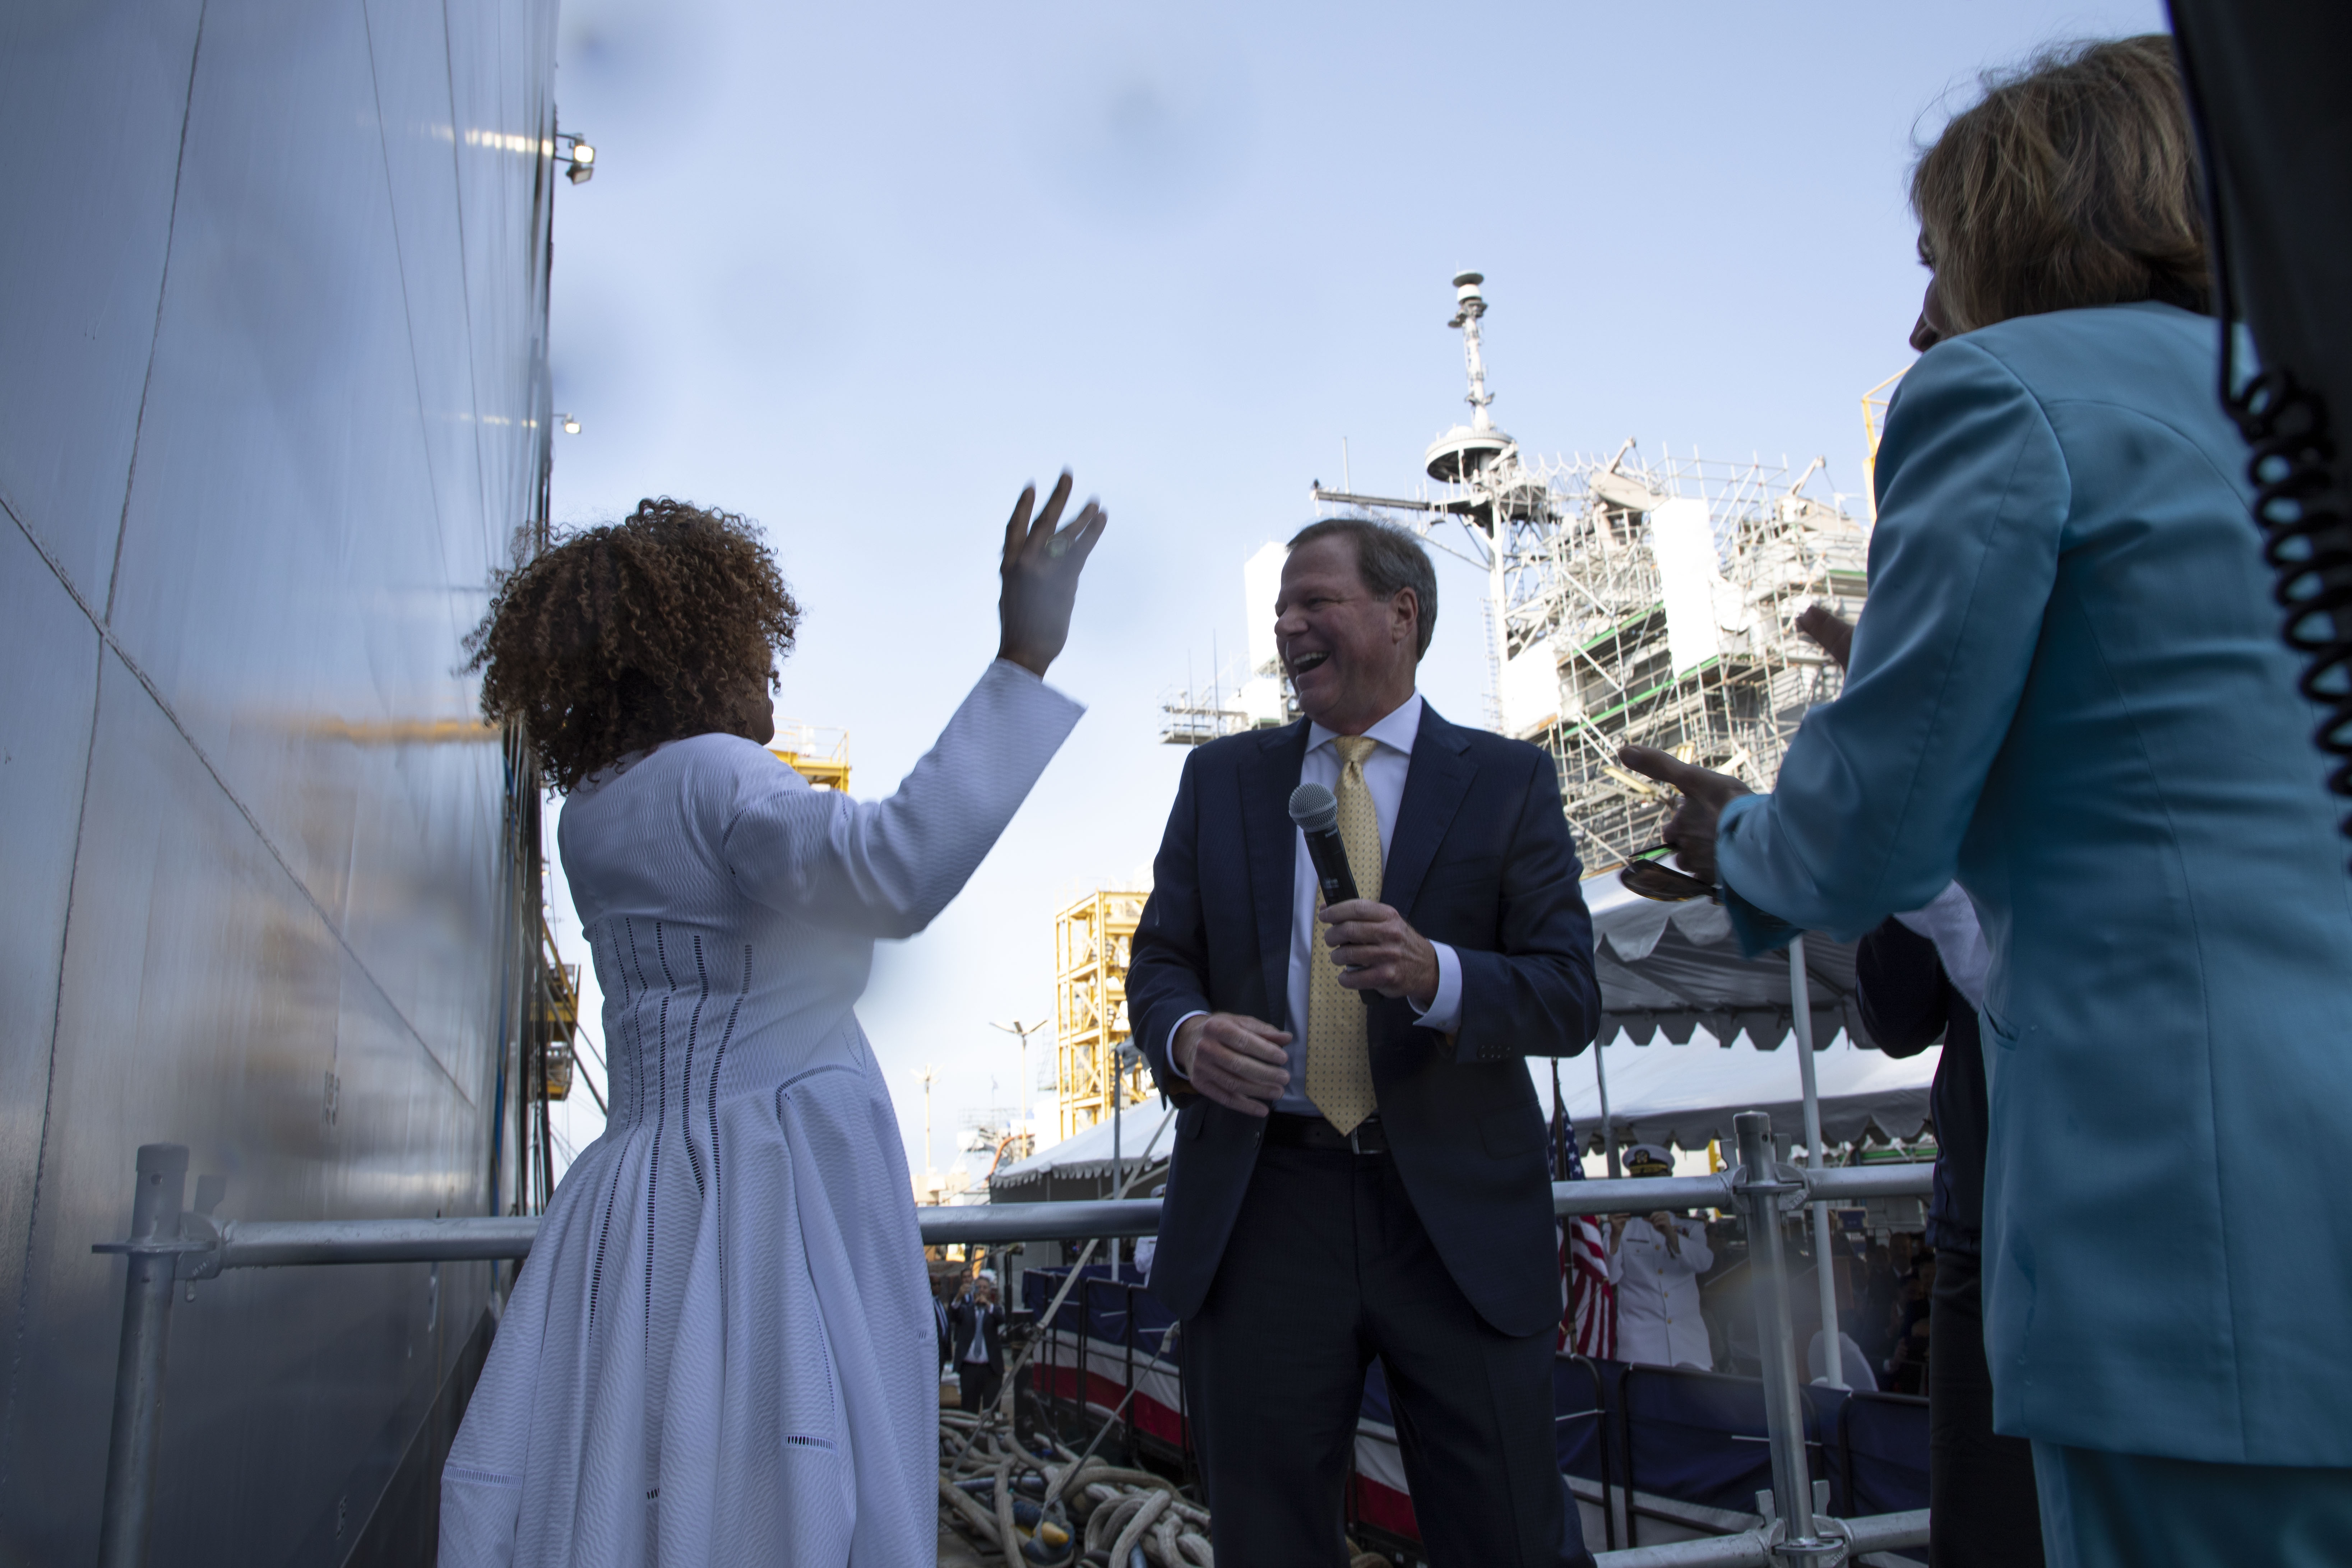 07-17-21-T-AO-Hull-571_Christening-Ceremony_9